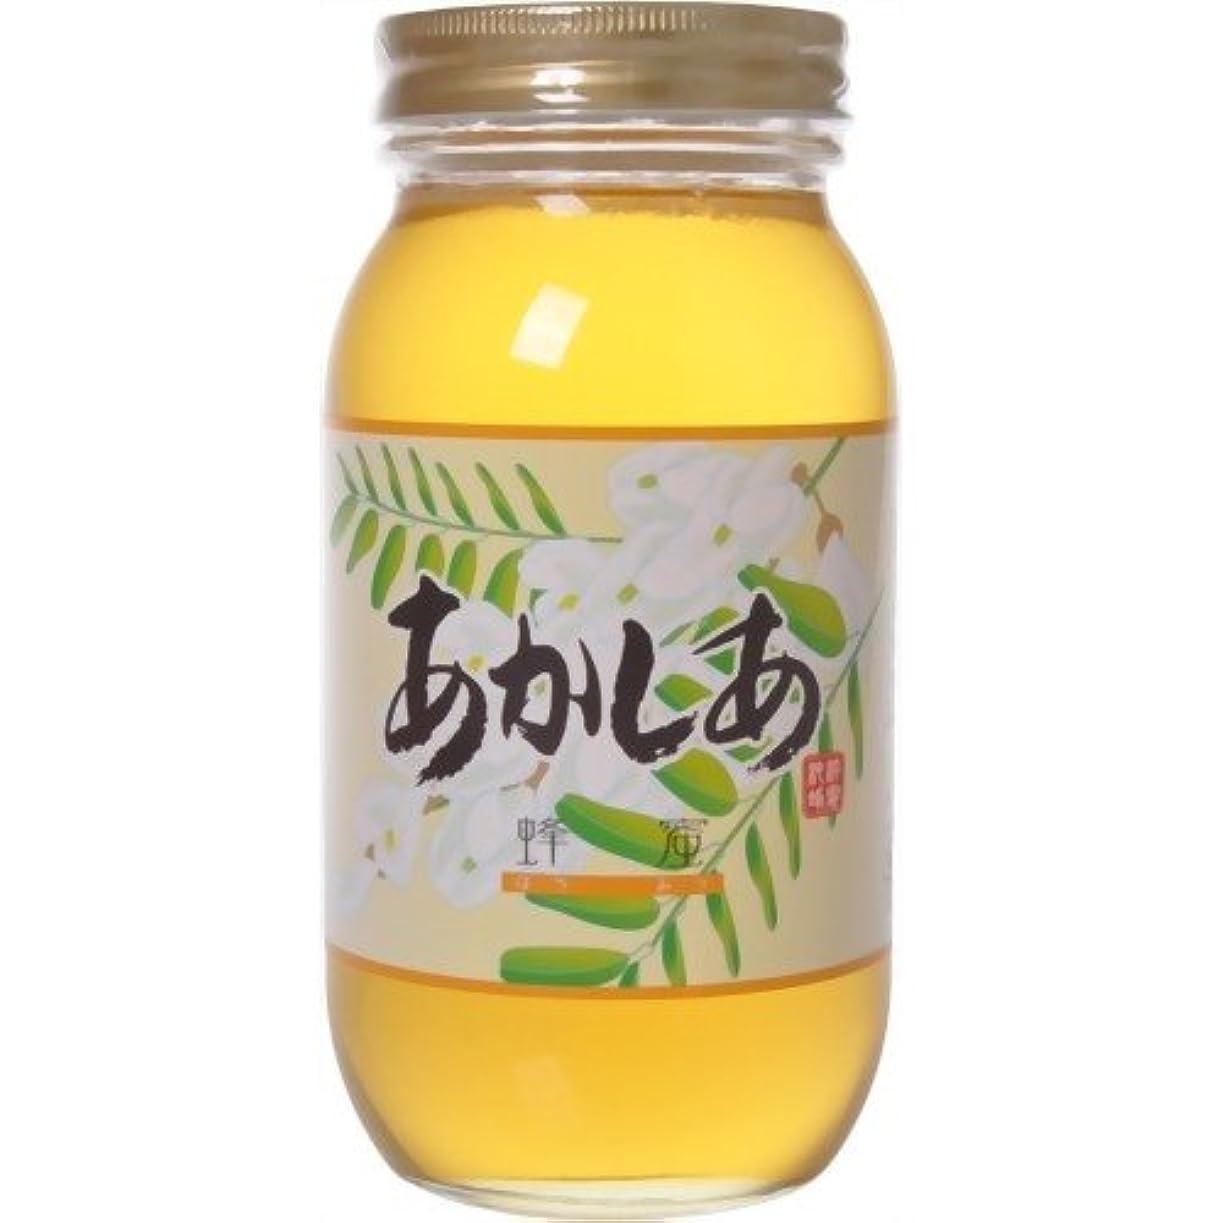 キャプテンスライス経度藤井養蜂場 中国産アカシアはちみつ 1kg